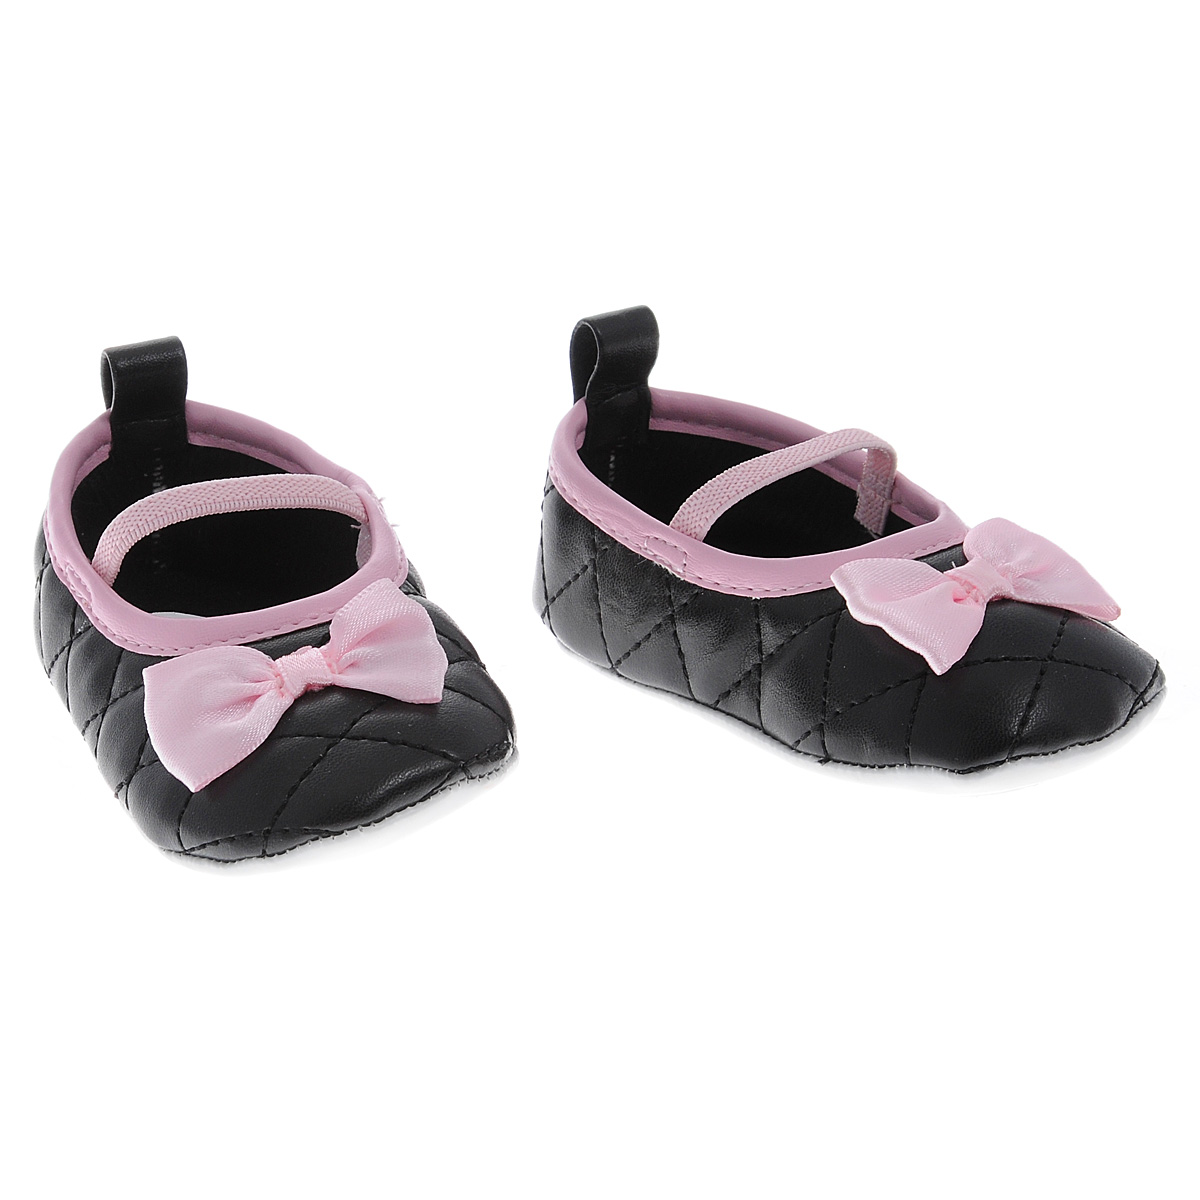 Пинетки для девочки Luvable Friends Стеганые балетки Мэри, цвет: черный. 11165. Размер 0/6мес